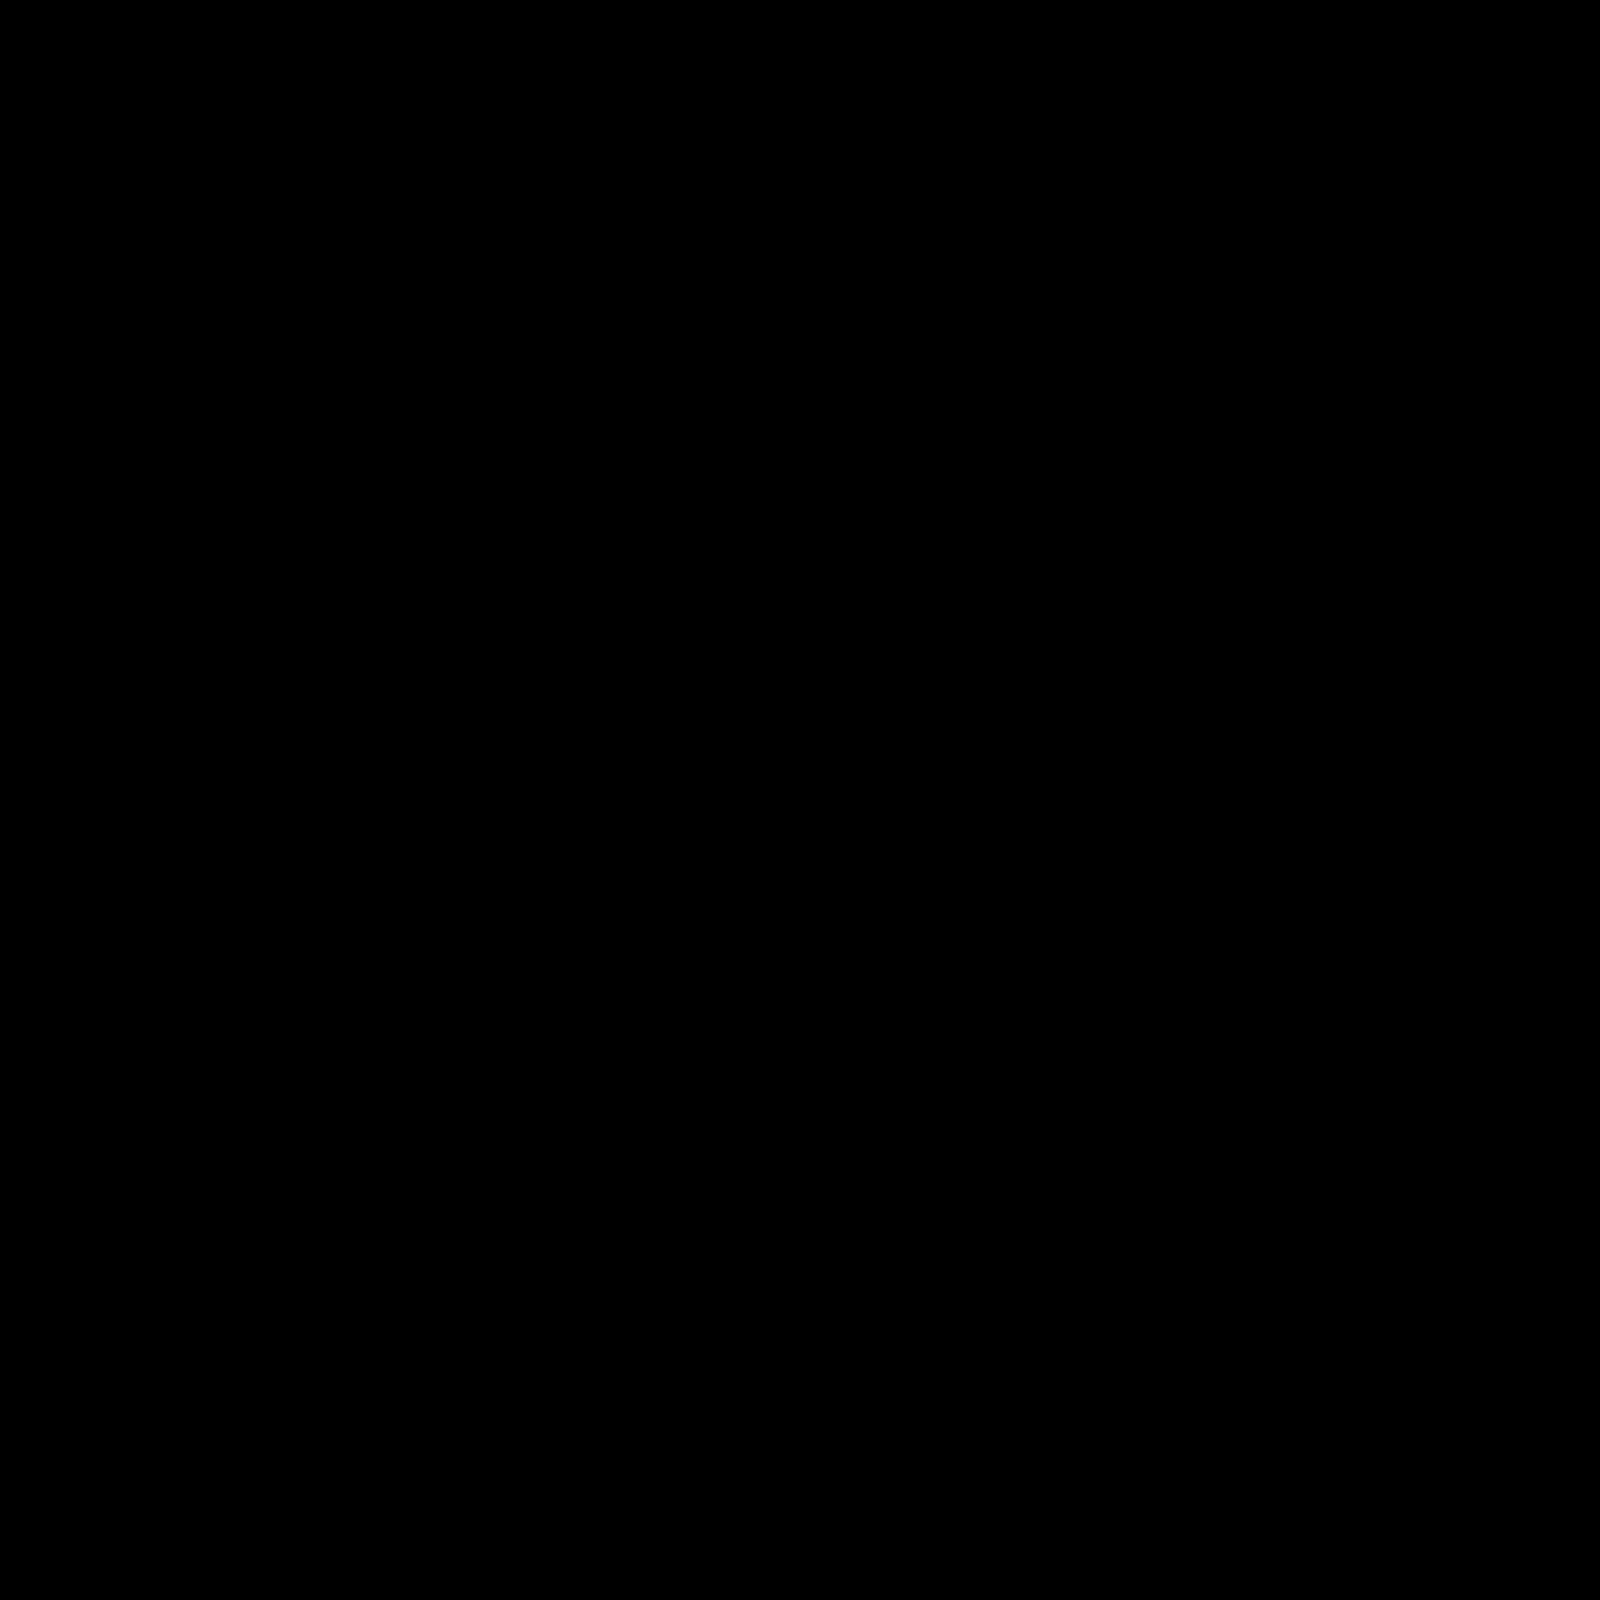 Indiana Jones icon